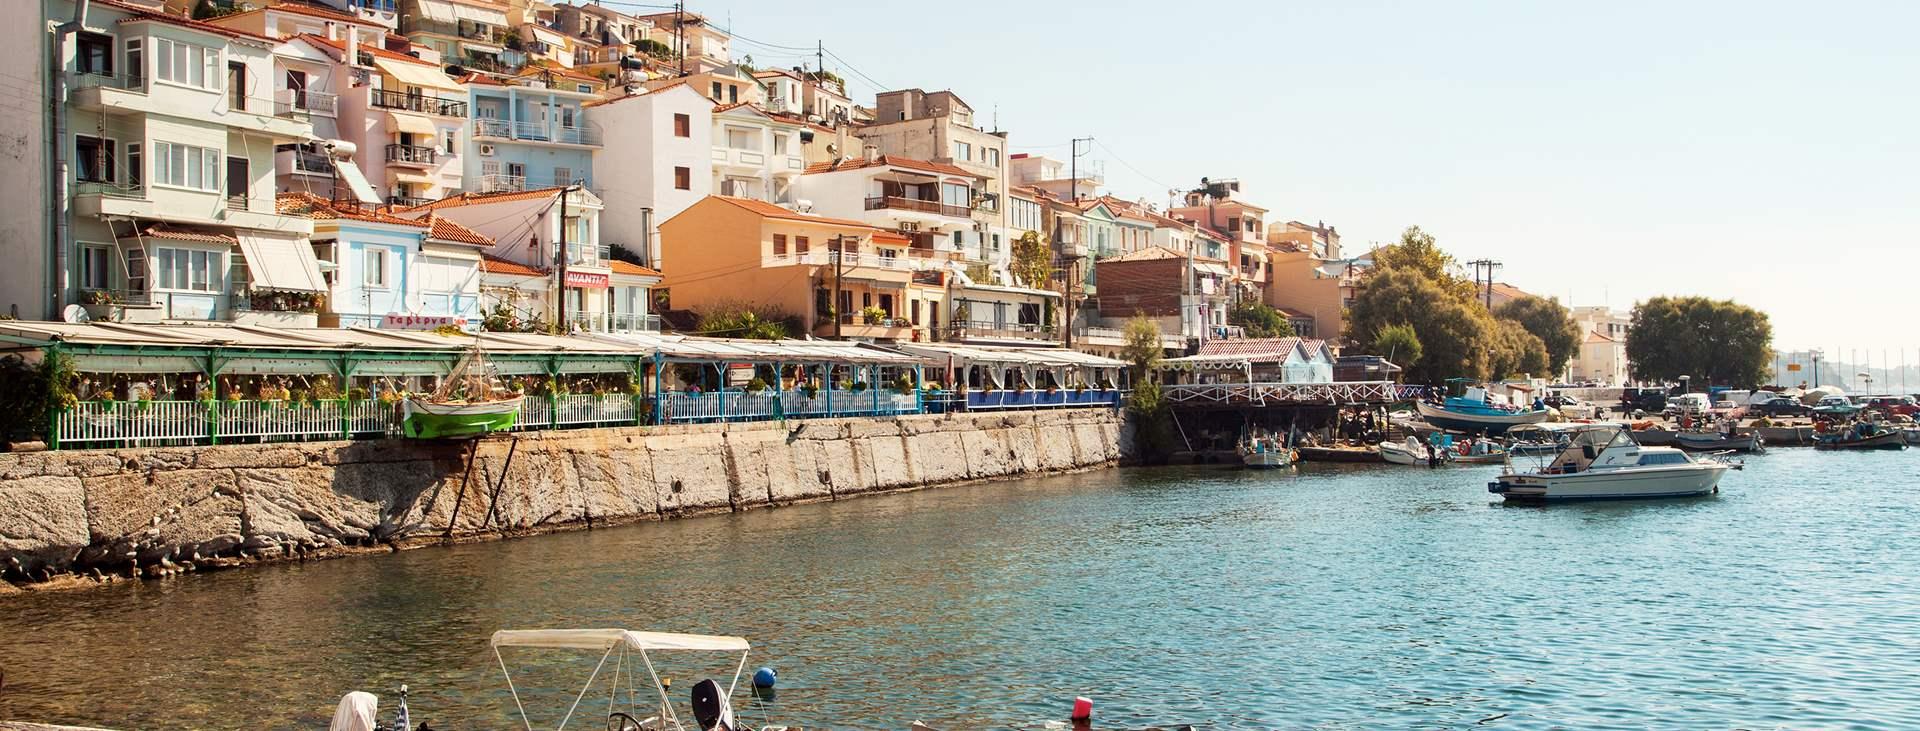 Bestill en reise med Ving til Plomari på Lesvos